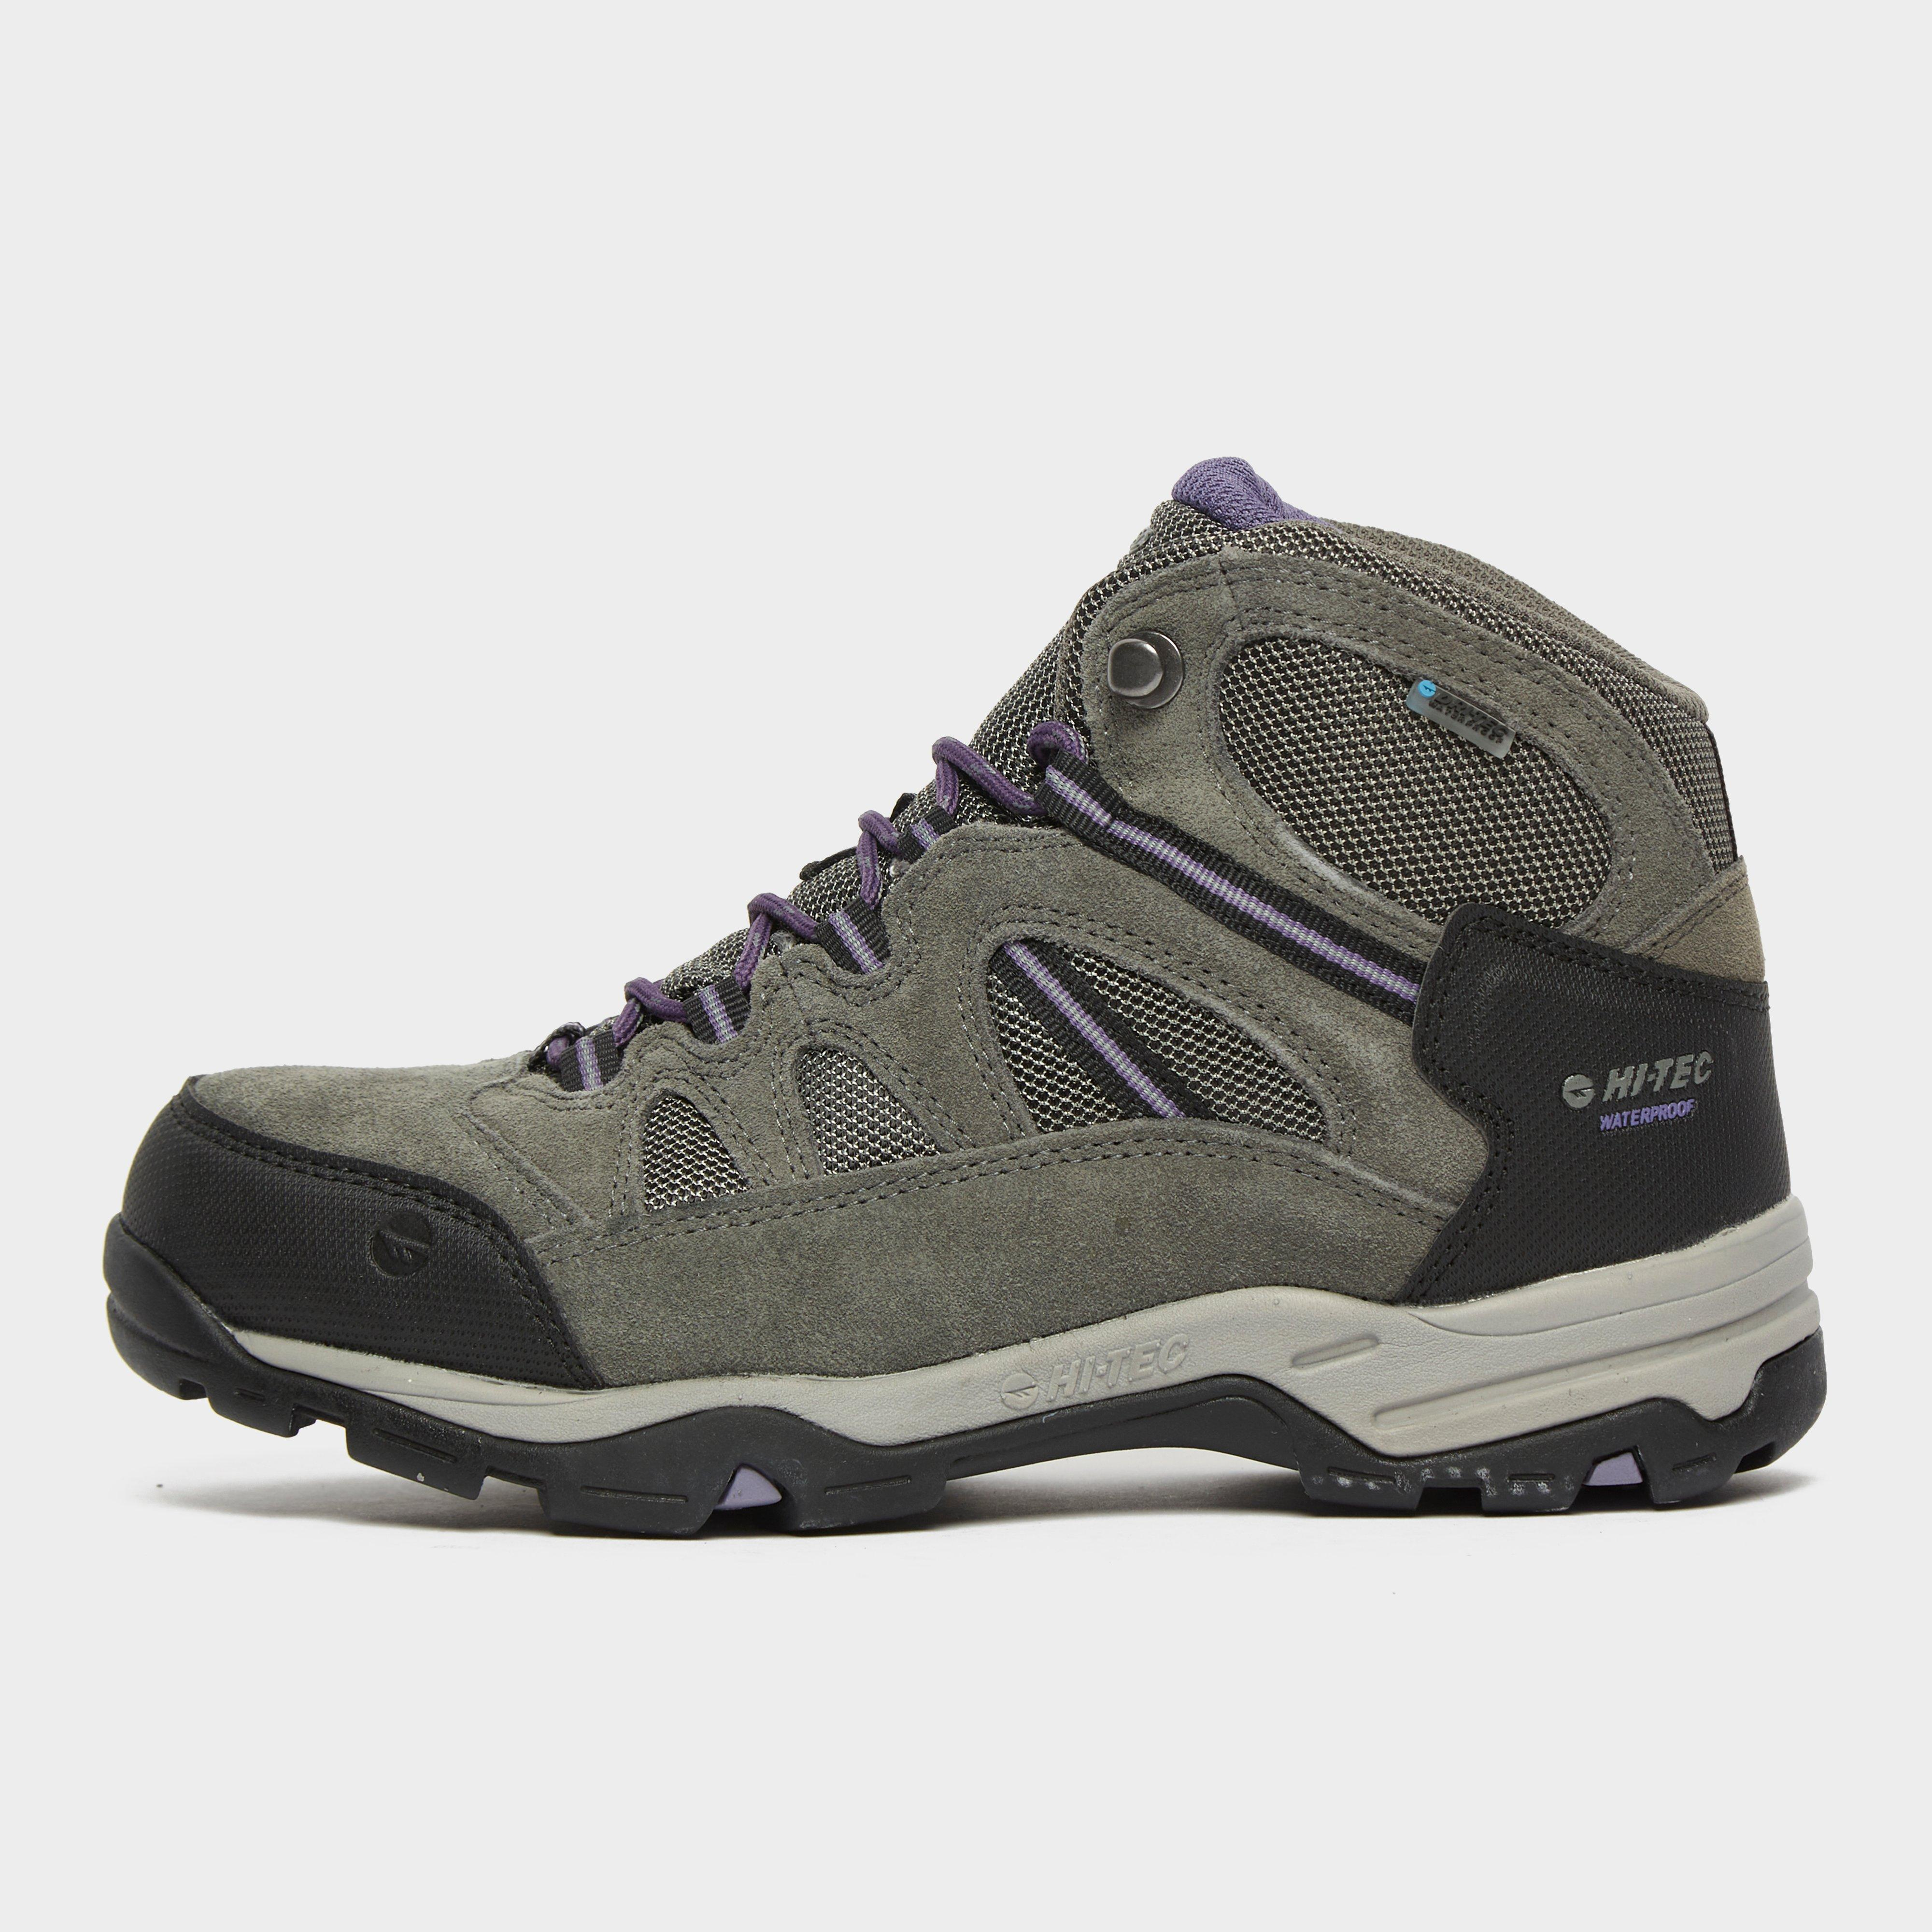 Hi Tec Women's Aysgarth Ii Mid Waterproof Walking Boots - Grey/Womens, Grey